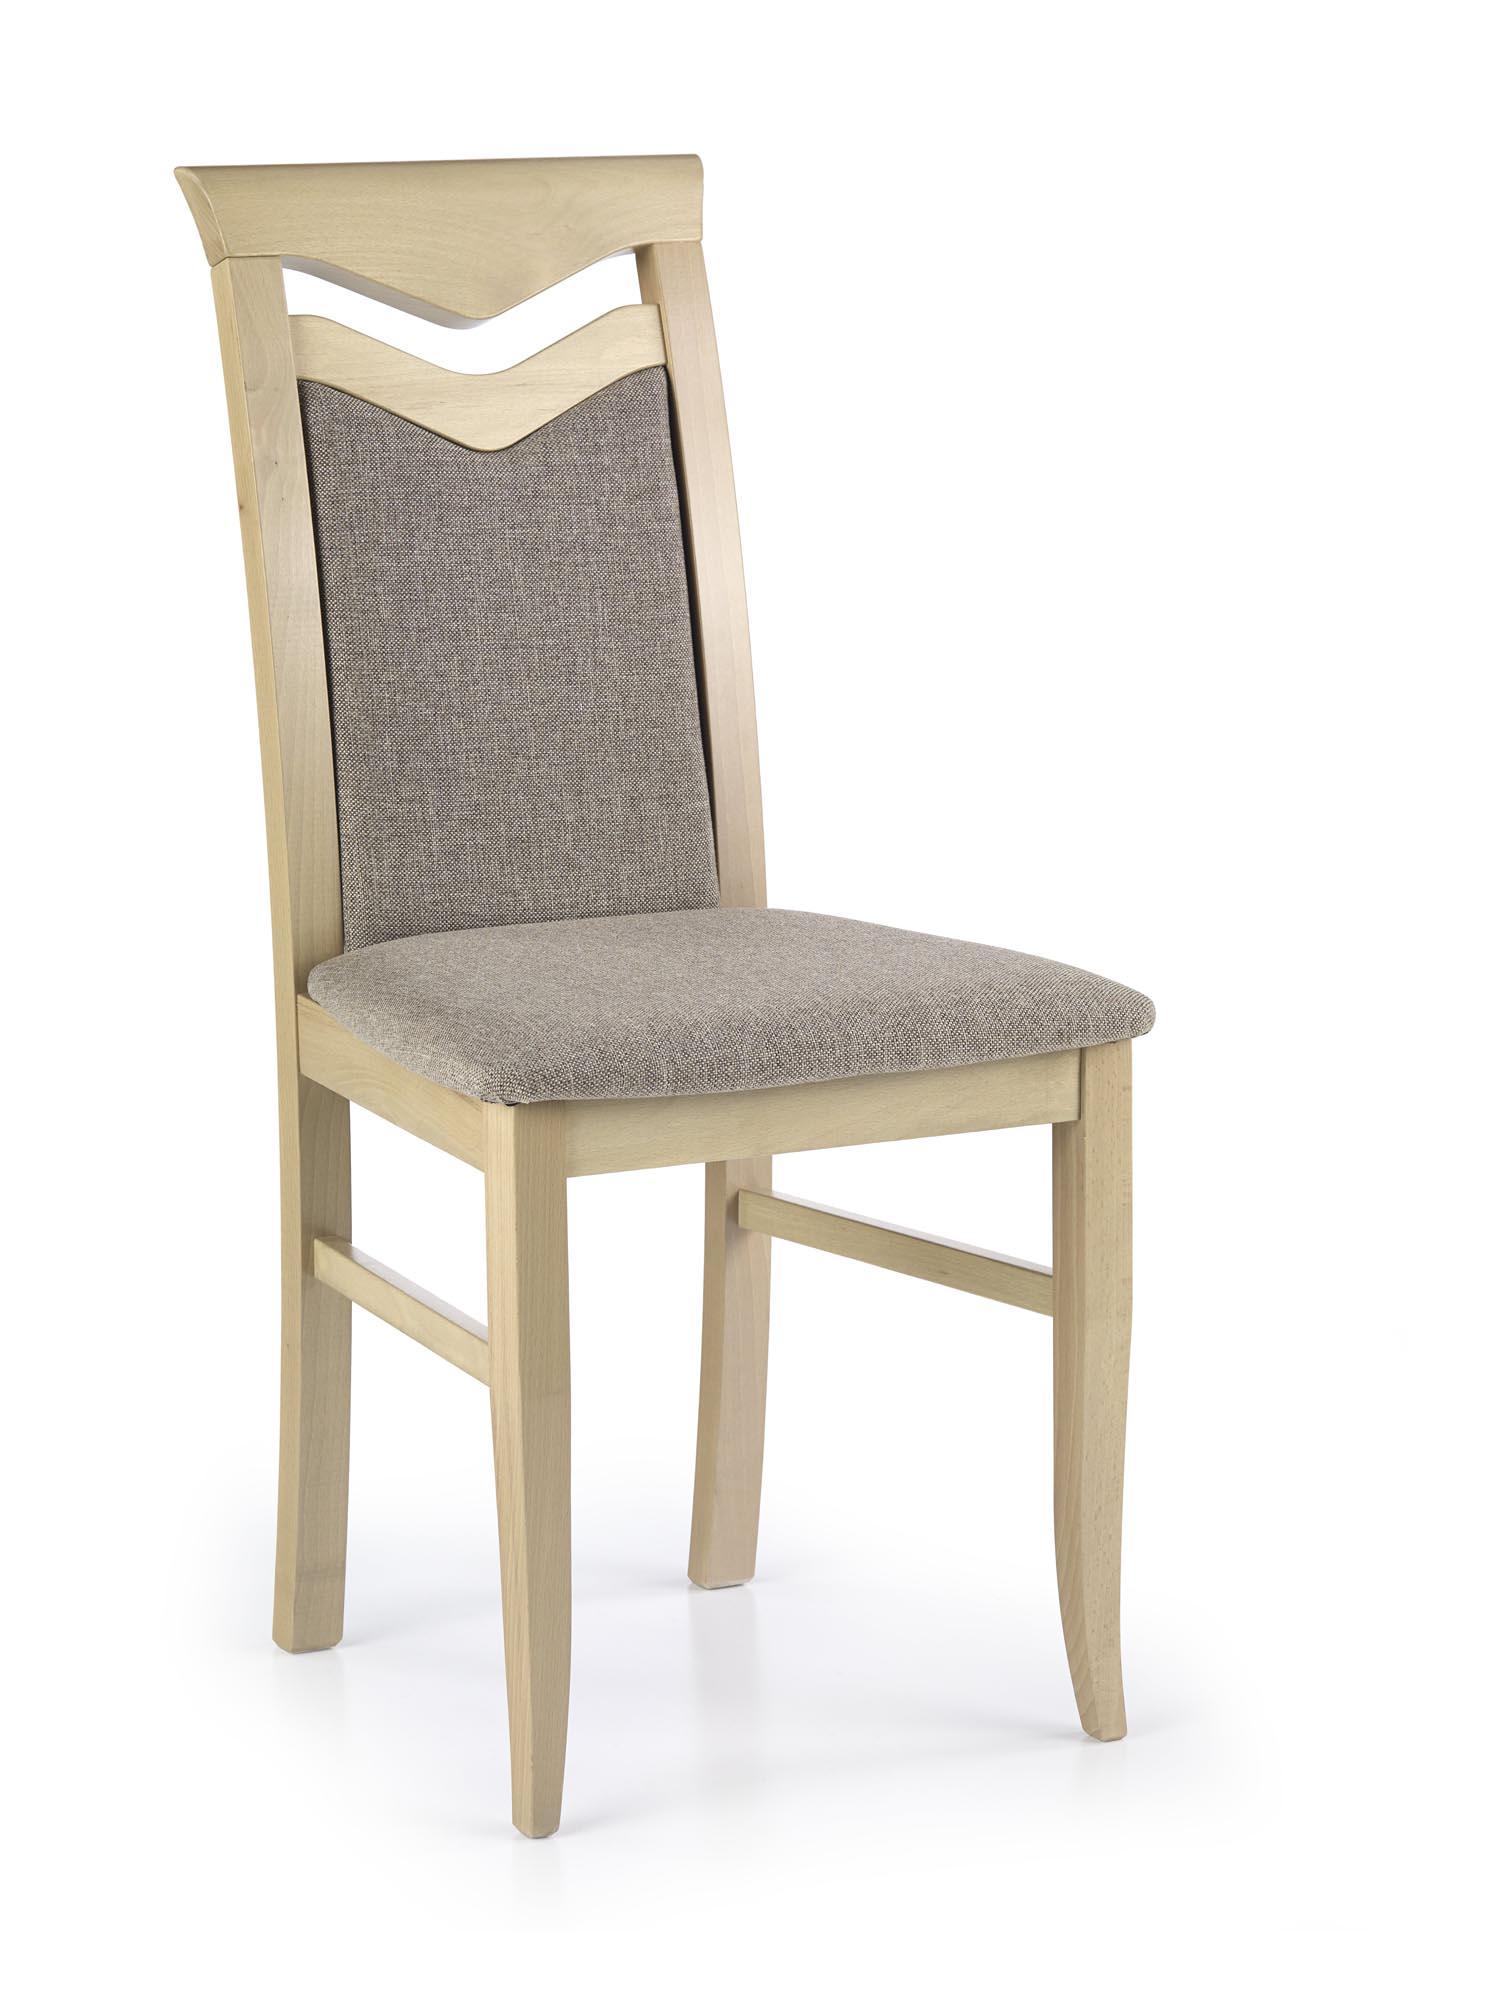 CITRONE stolička dub sonoma / tap: INARI 23